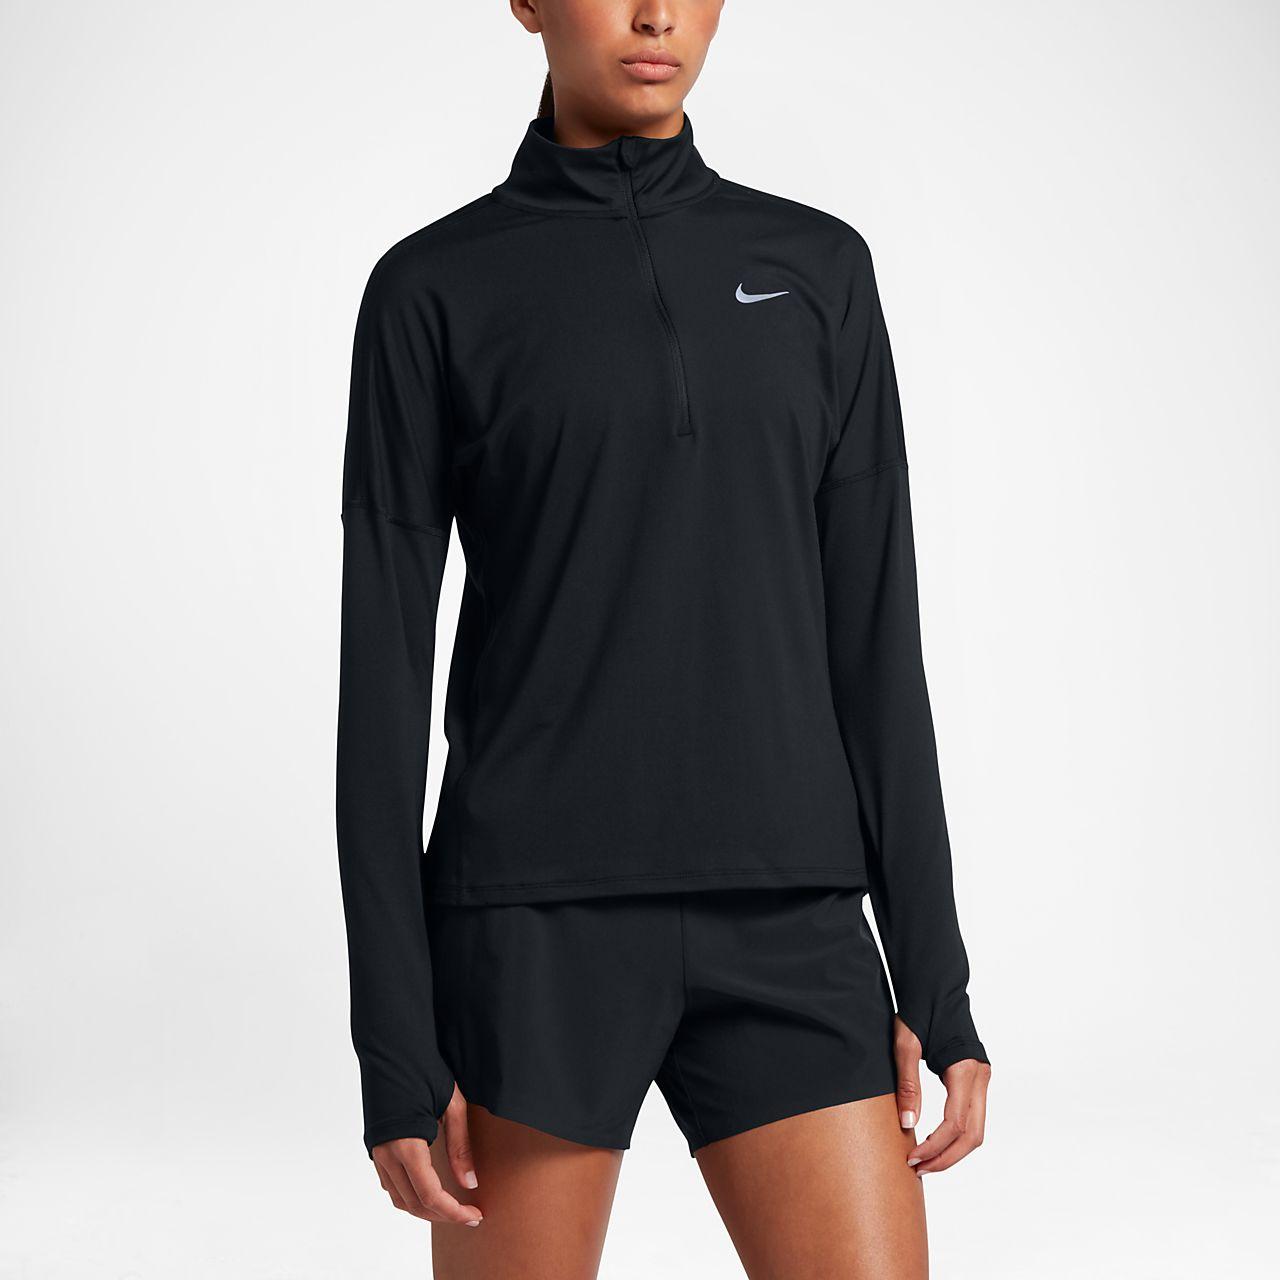 Haut de running à manches longues demi-zippé Nike Dri-FIT pour Femme